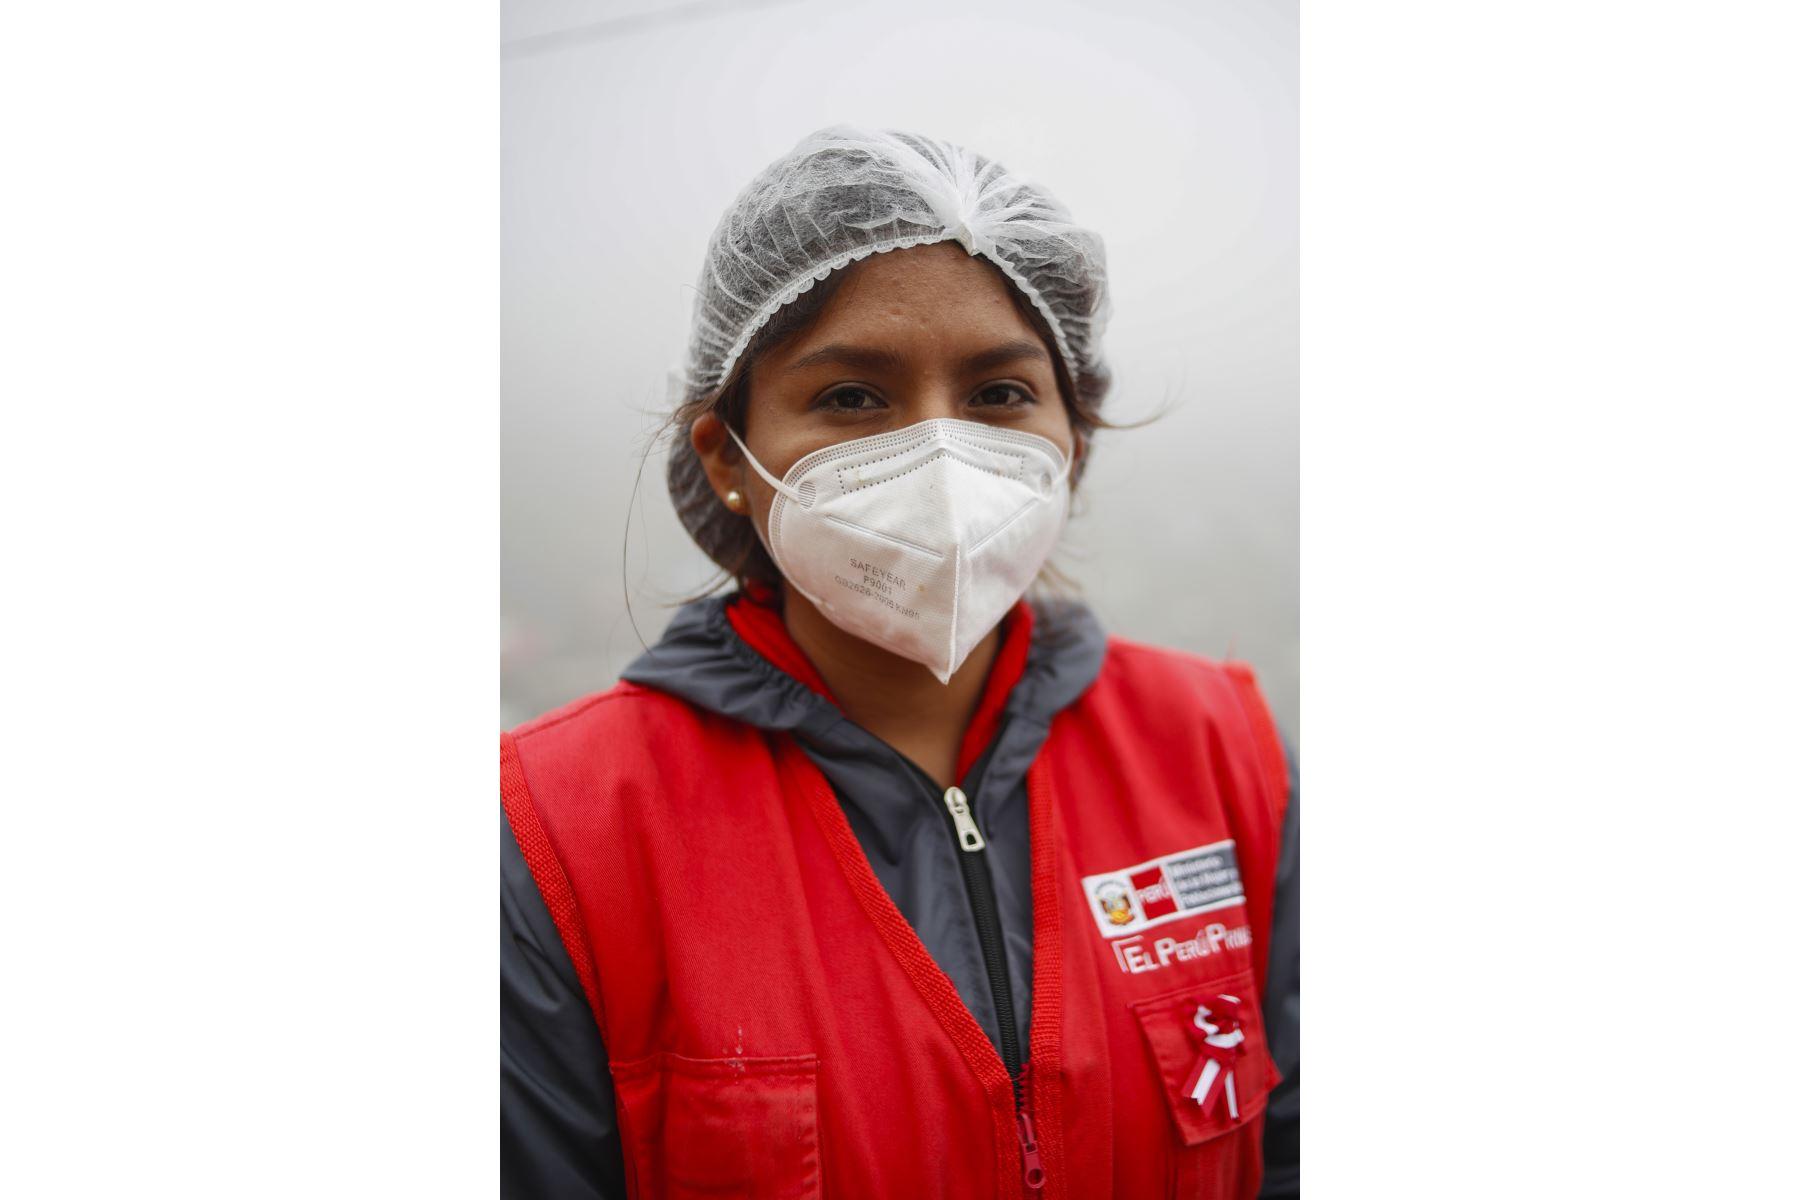 Wendy Lanegra Ascarate, fisioterapista. Especialista del programa 142 Adulto Mayor del Inabif. Foto: ANDINA/Renato Pajuelo